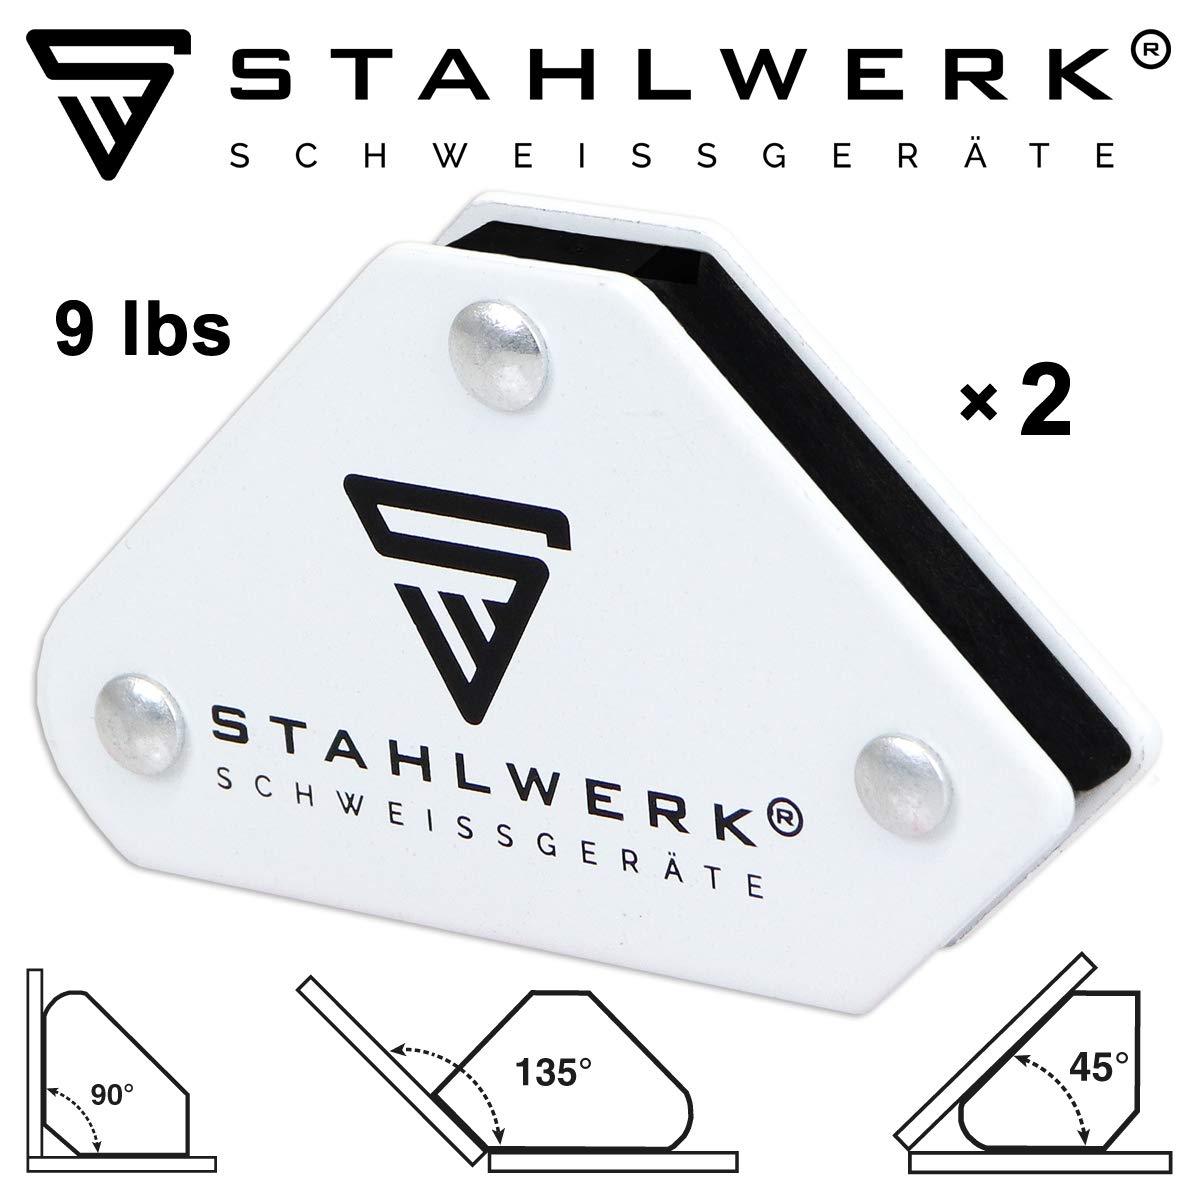 StahlWERK Lot de 2 aimants de soudage magn/étiques et pinces /à terre pour souder 45/° x 90/° x 135/° Blanc 4 kg